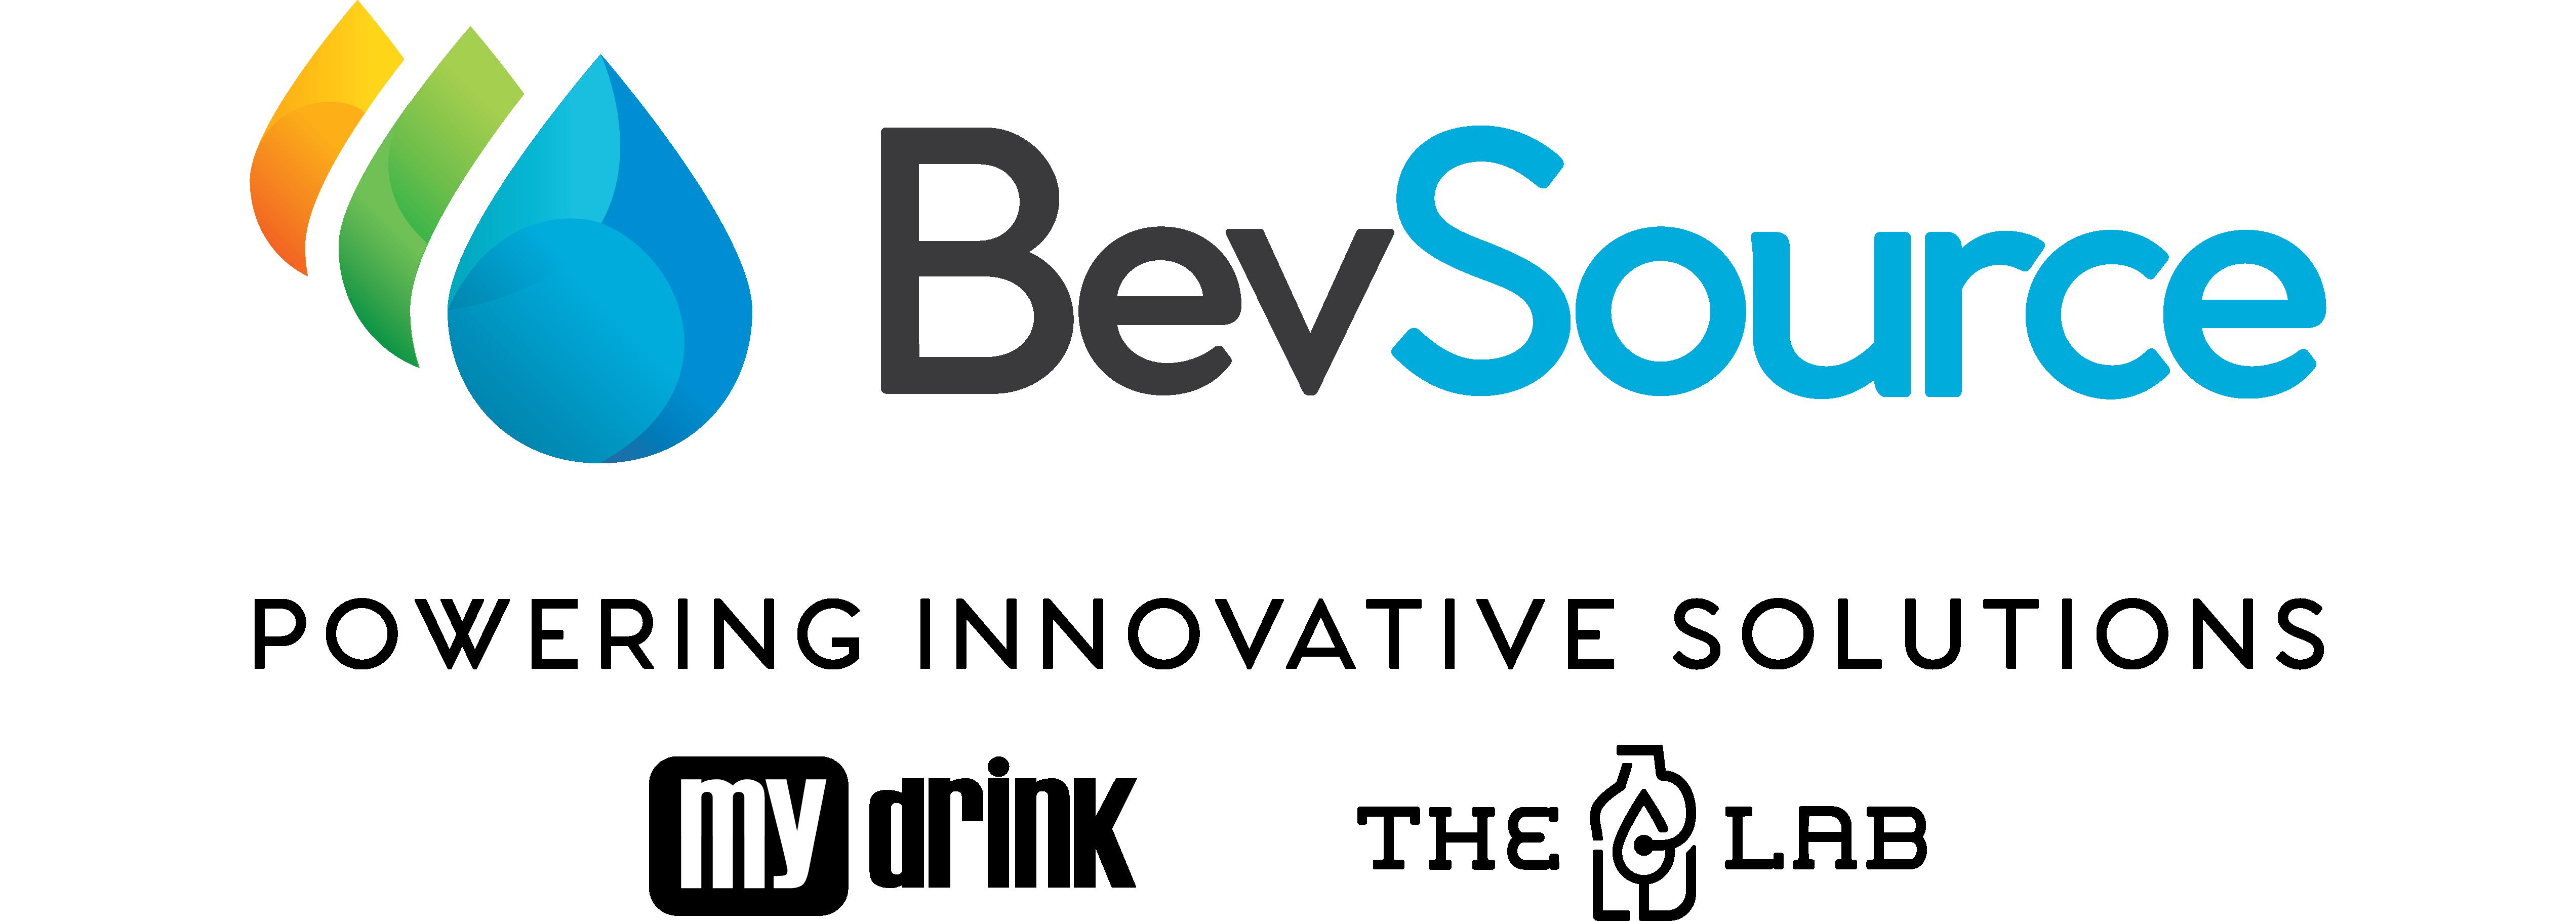 BevSource - sponsoring BevNET Live Winter 2021